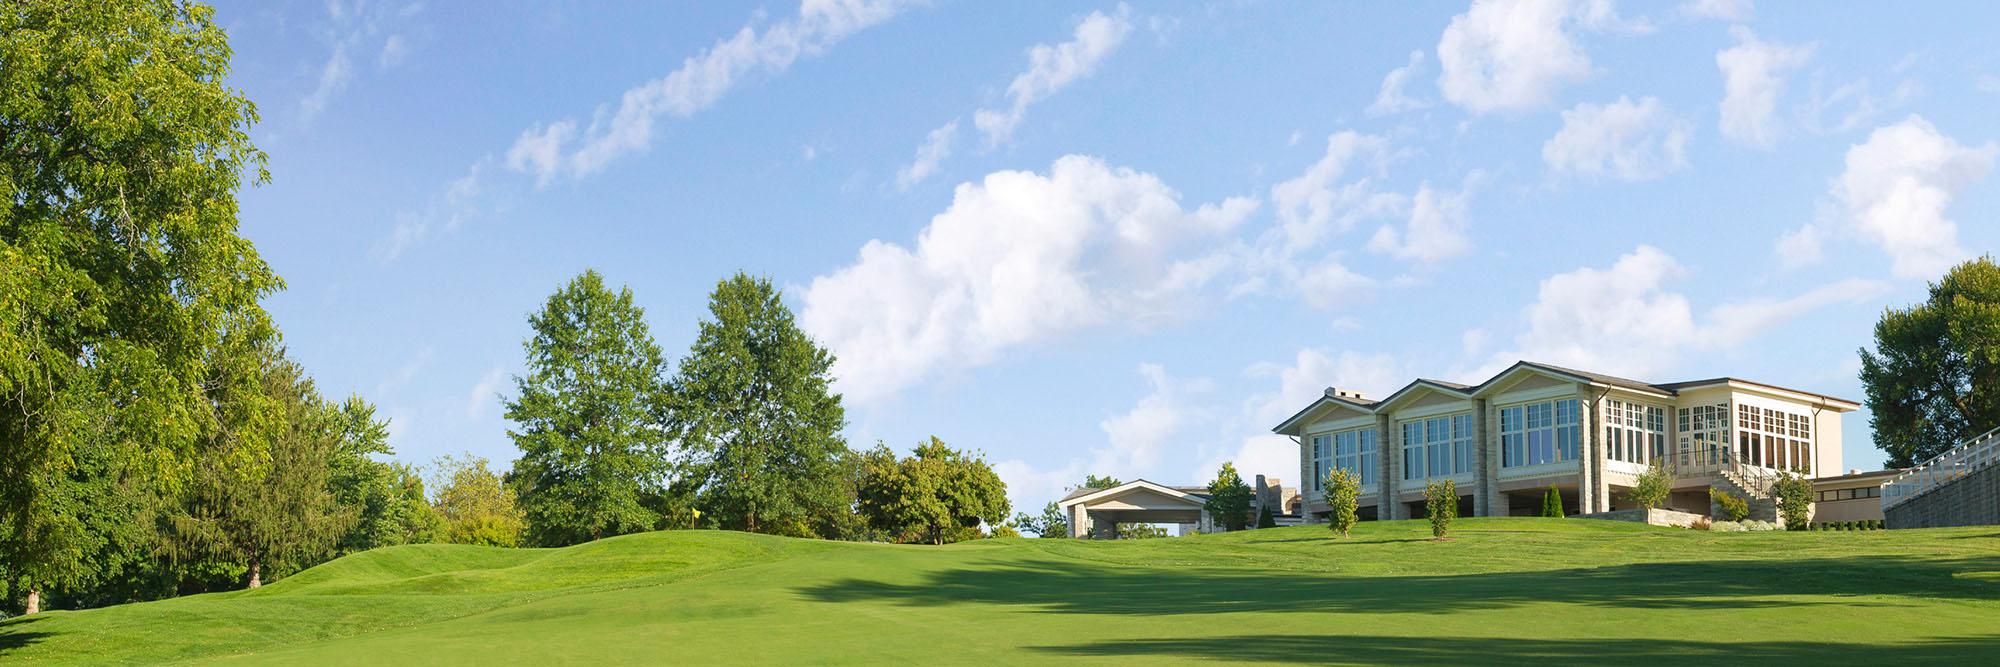 Golf Course Image - Hickory Hills No. 18